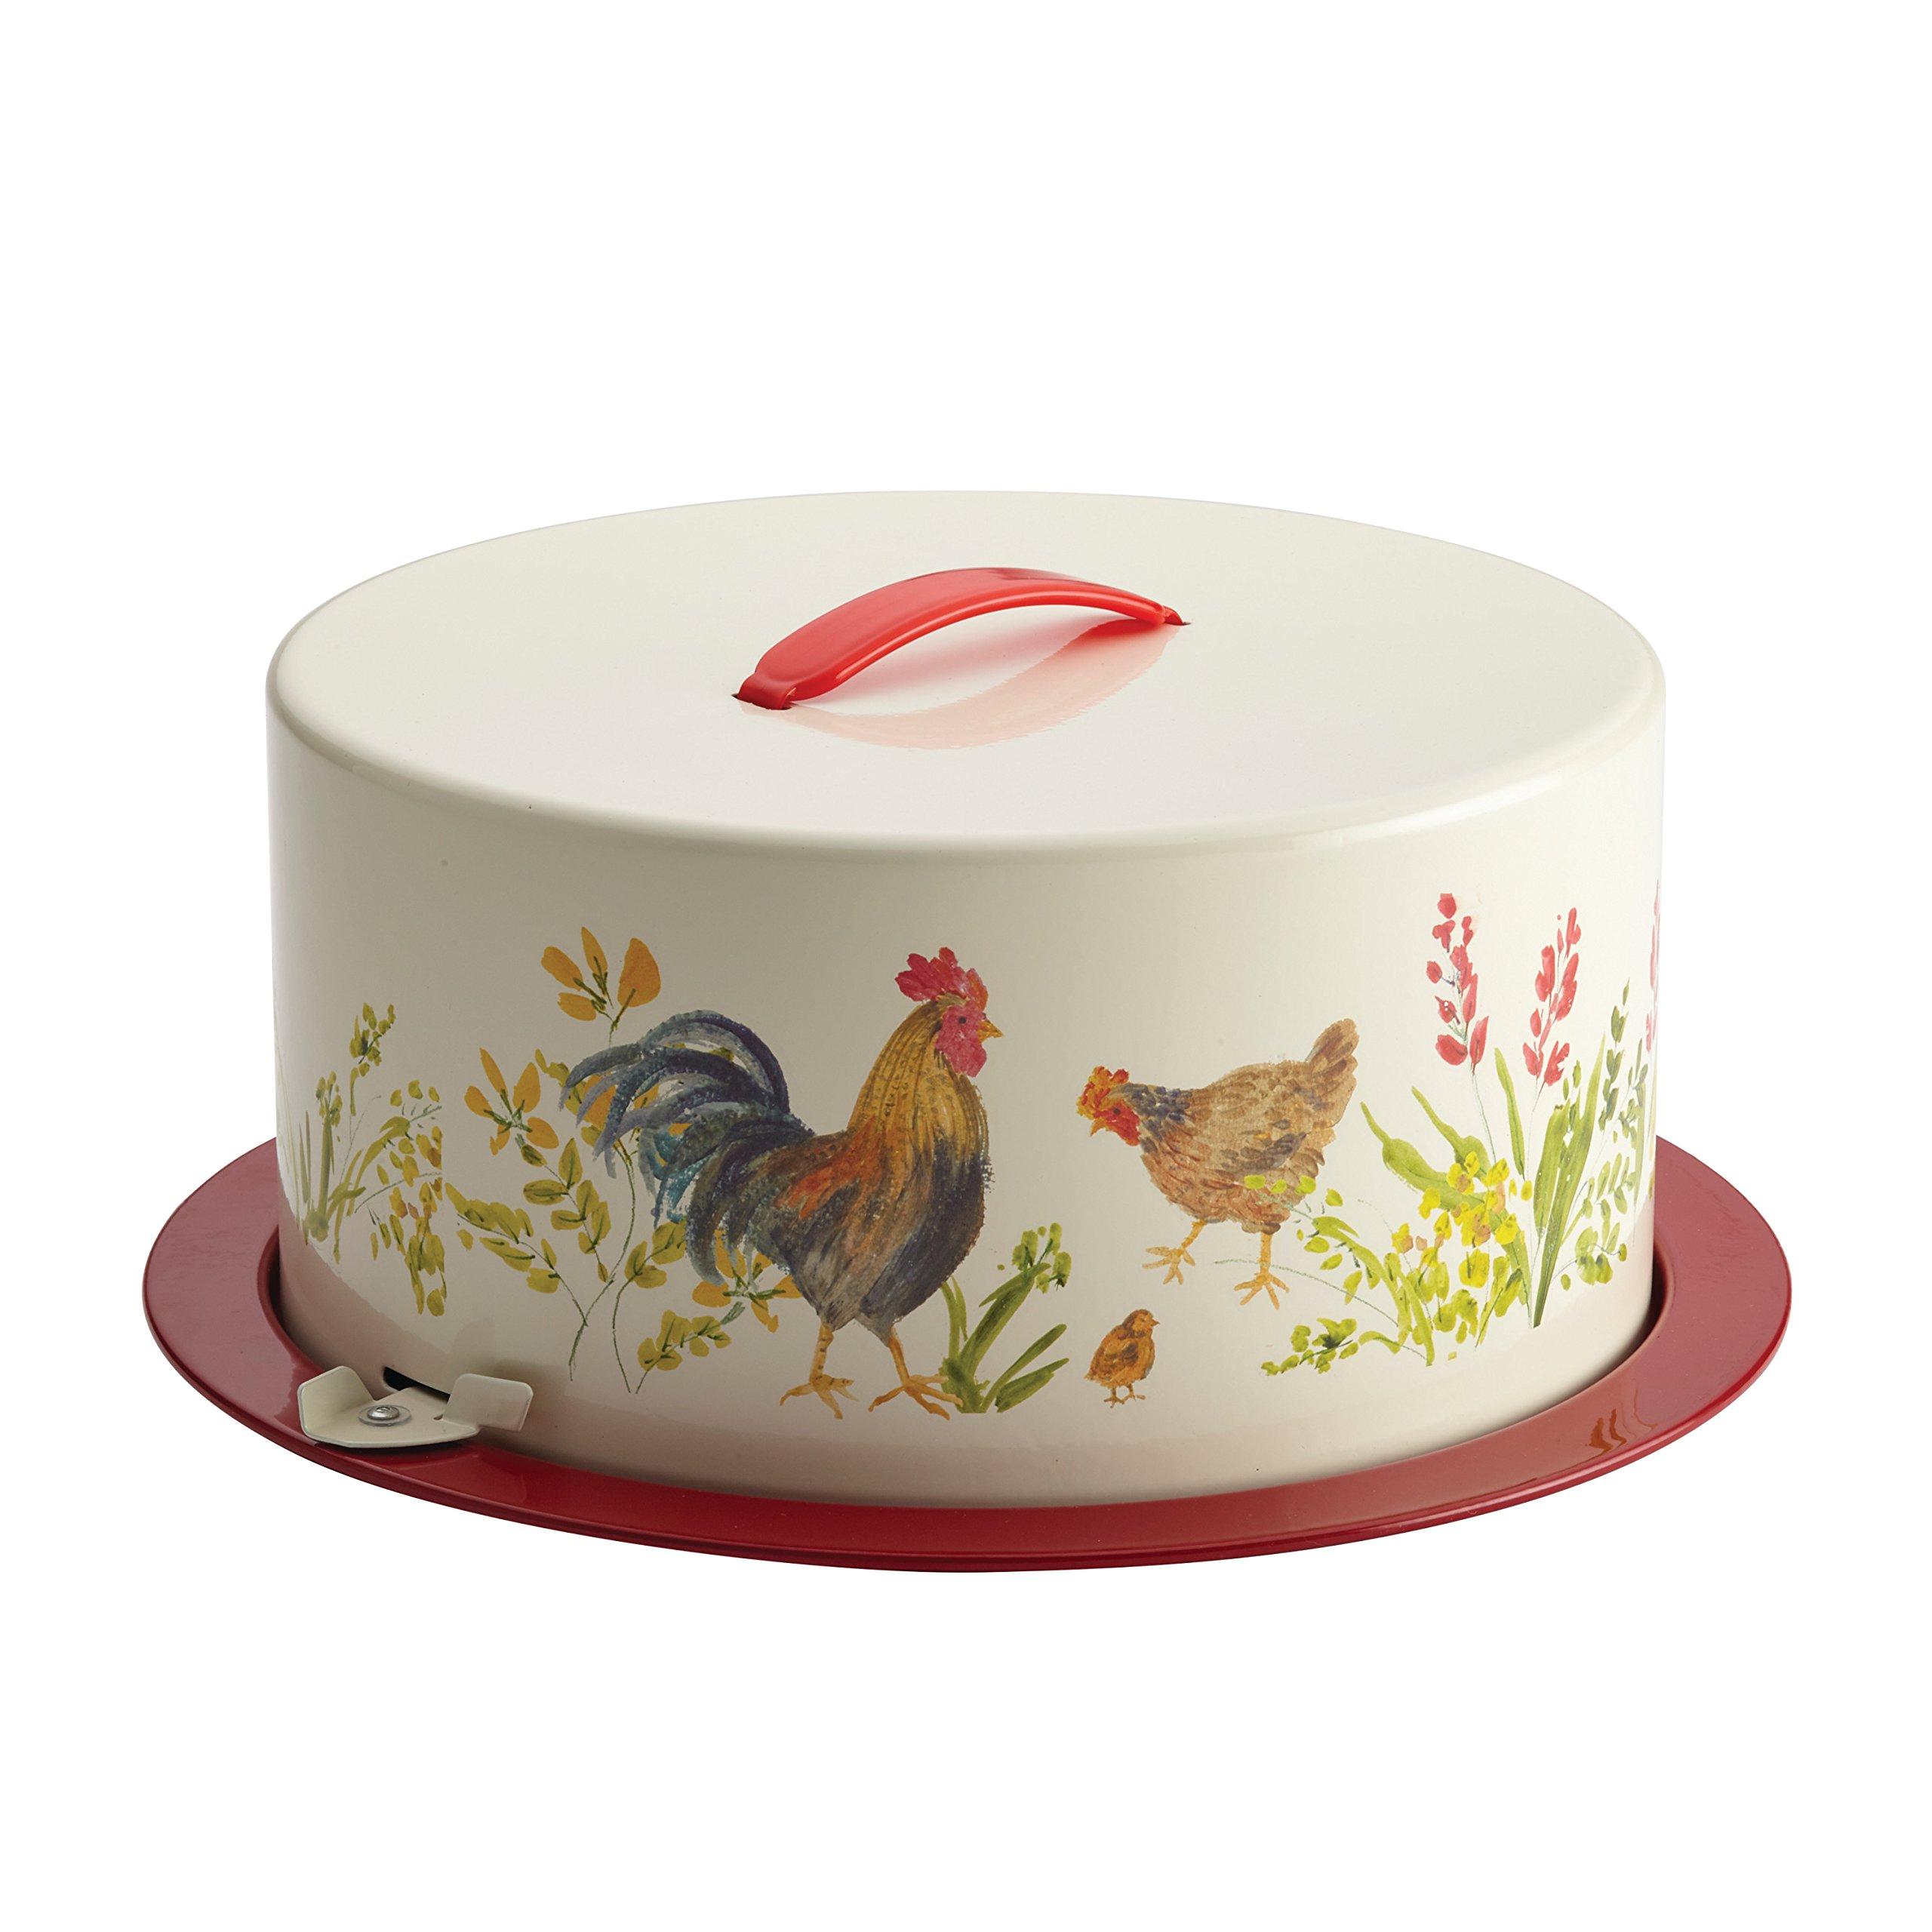 Paula Deen Pantryware Metal Cake and Pie Carrier, Garden Rooster